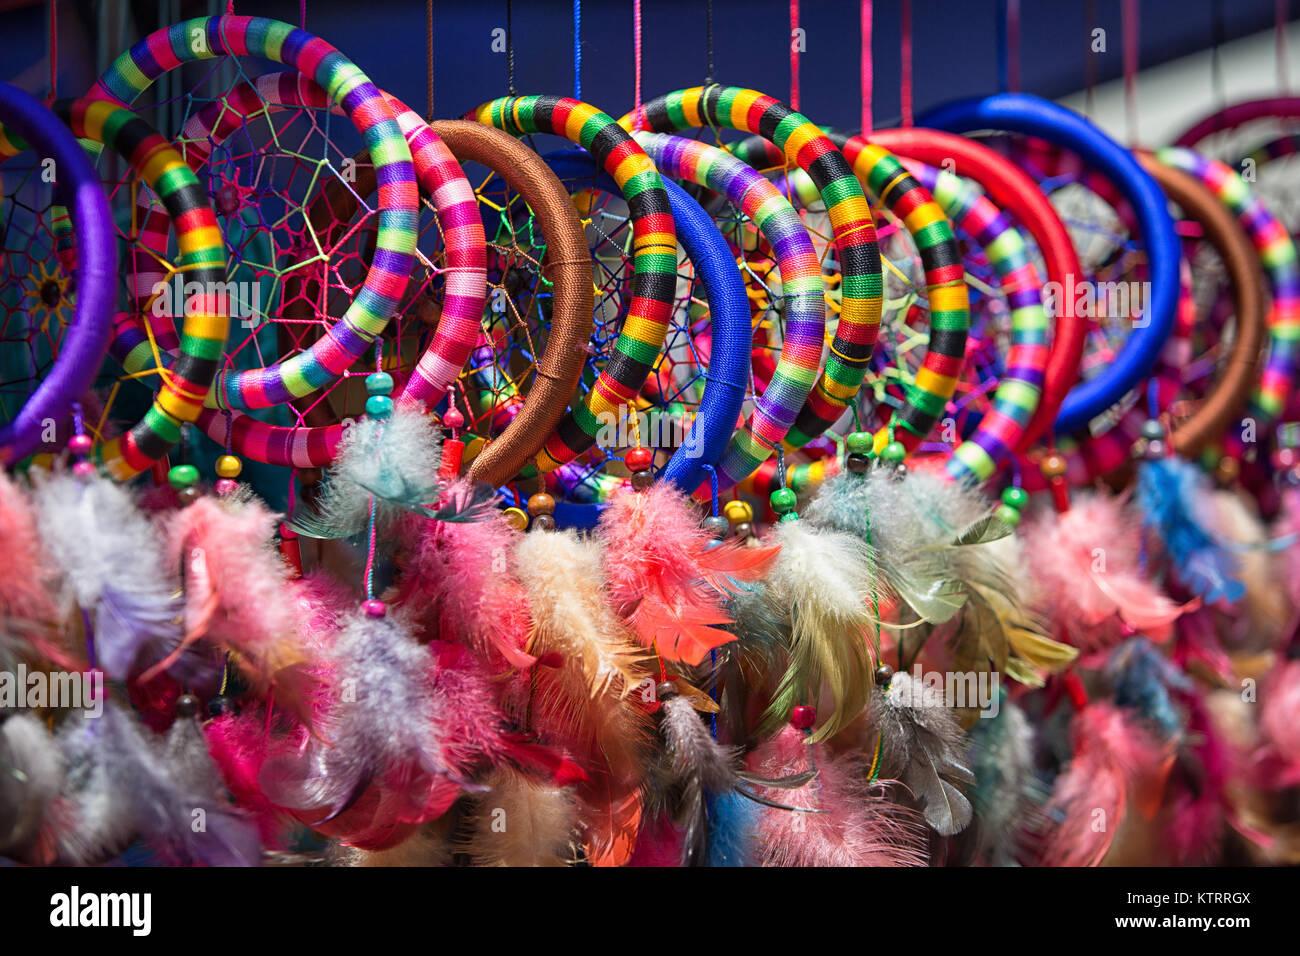 Lexington, Kentucky - 16 décembre 2017: l'artisanat indigène dans le marché artisanal samedi Photo Stock